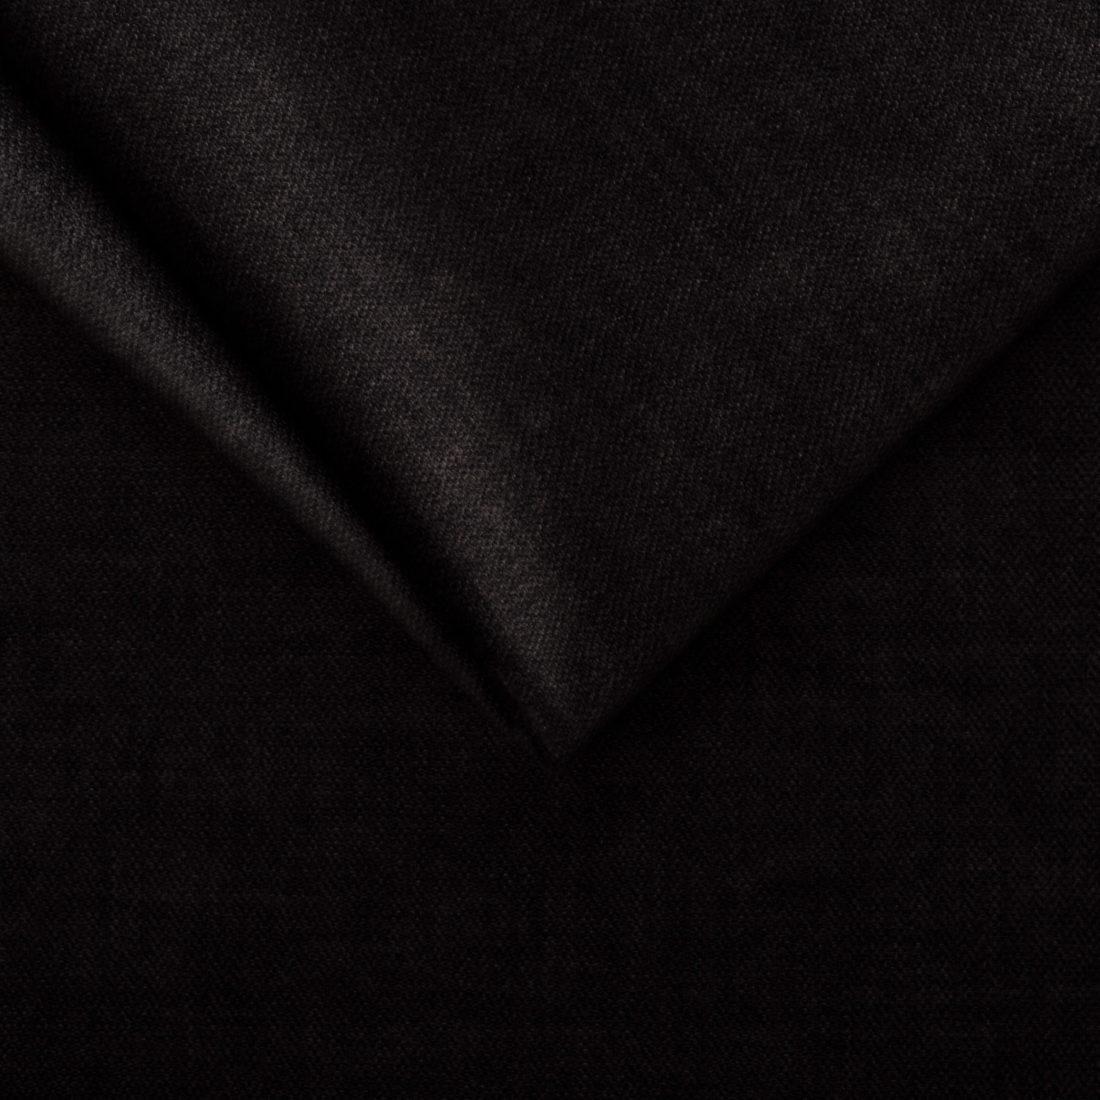 Меблева тканина Vogue 17 Charcoal, велюр